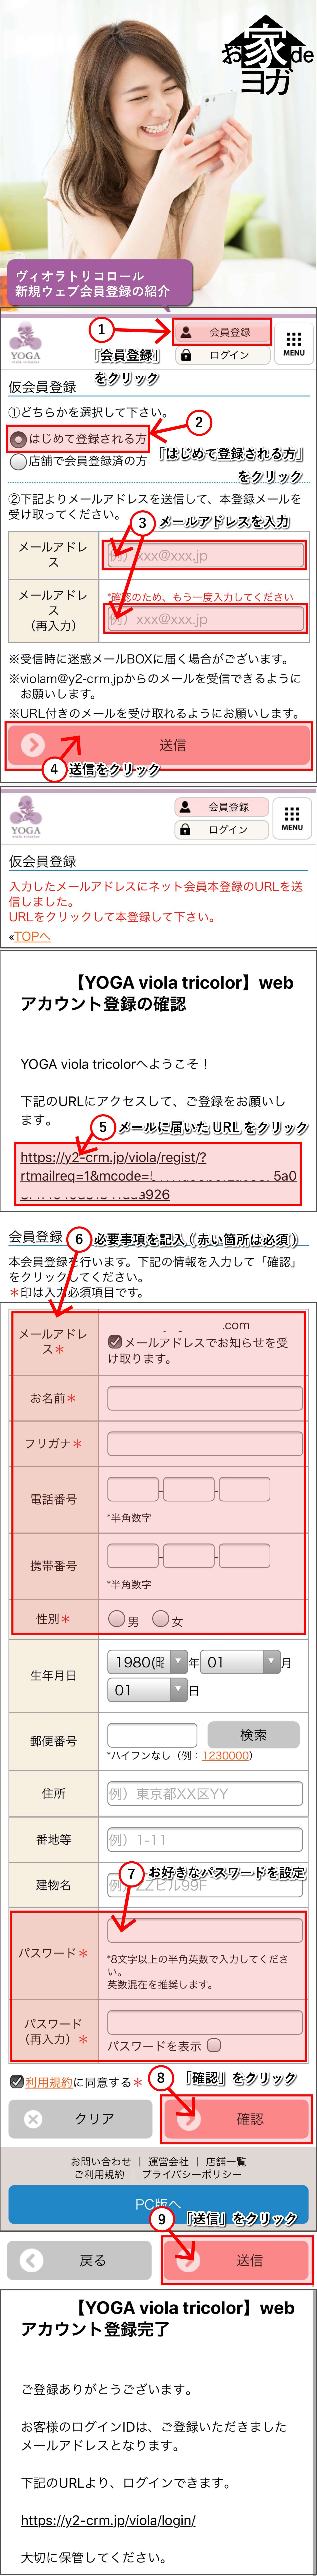 新規のウェブ会員登録